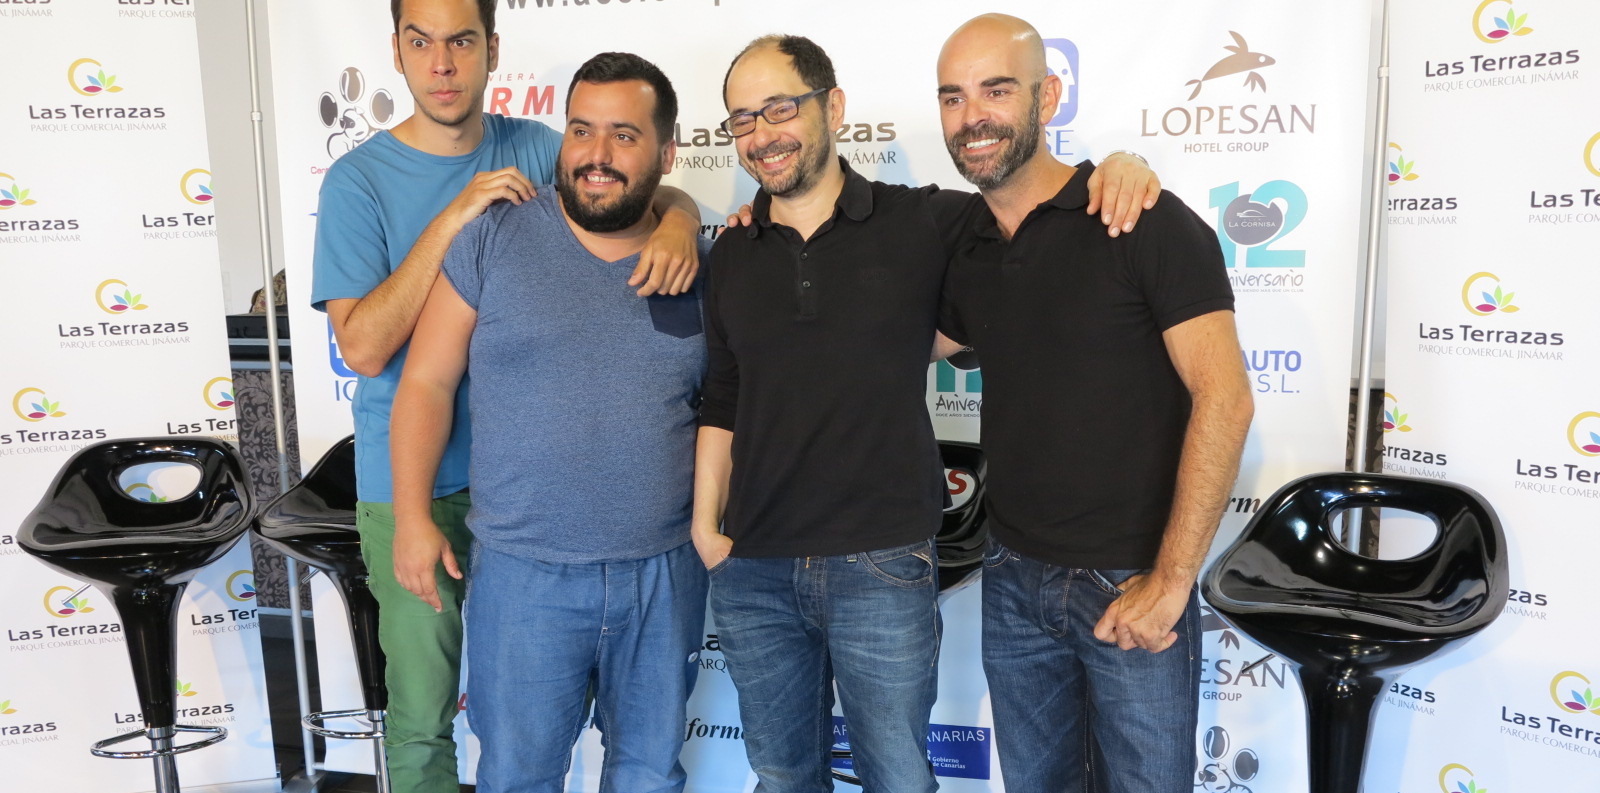 Los cuatro actores de El Trámite, Gómez, Perez, Sánchez y Ruano.